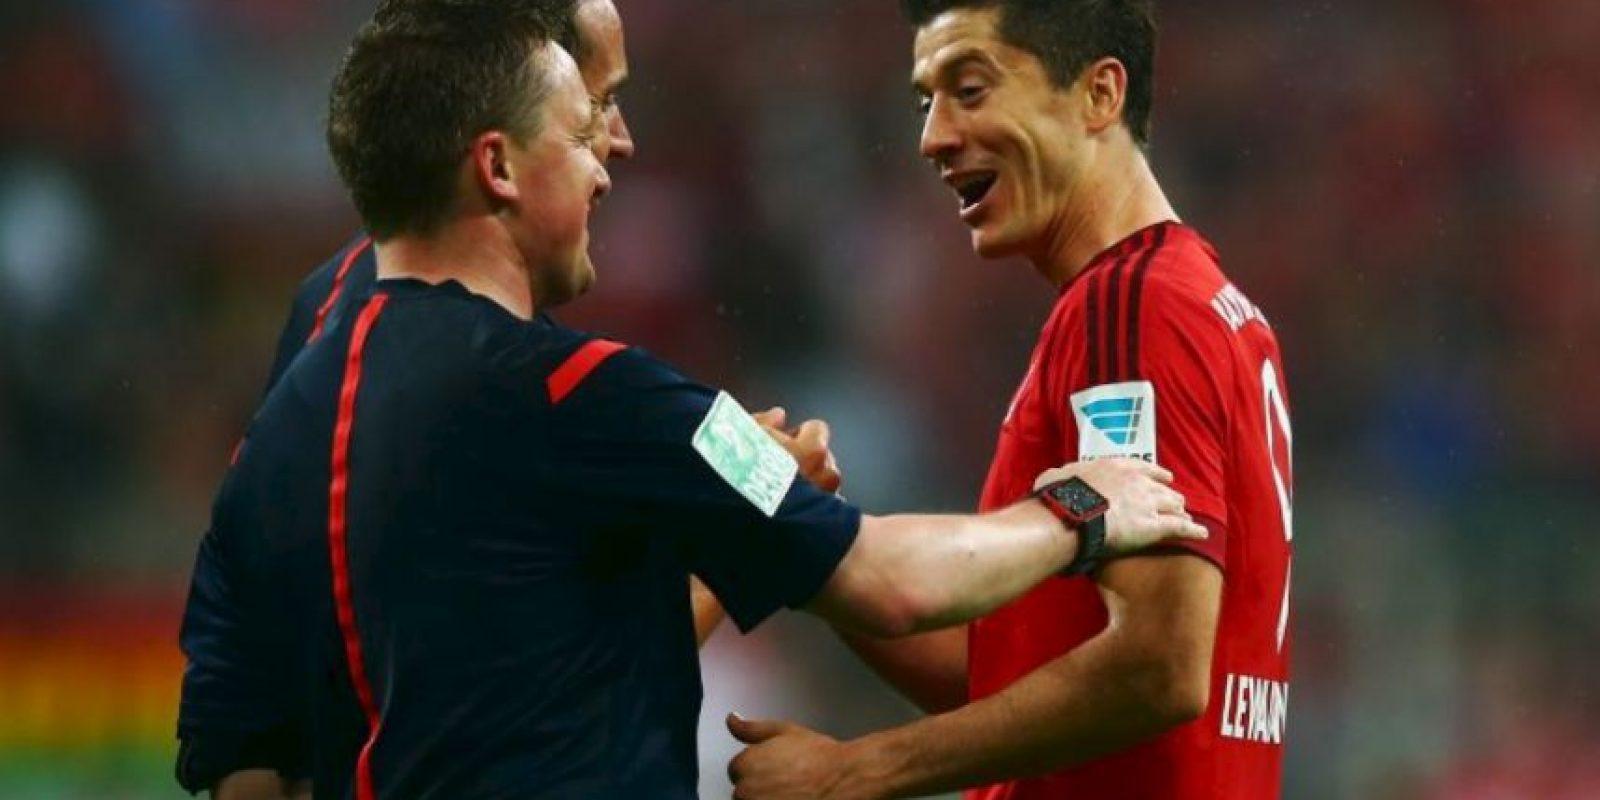 Le dio el triunfo 5-1 al Bayern Múnich sobre el Wolfsburgo Foto:Getty Images